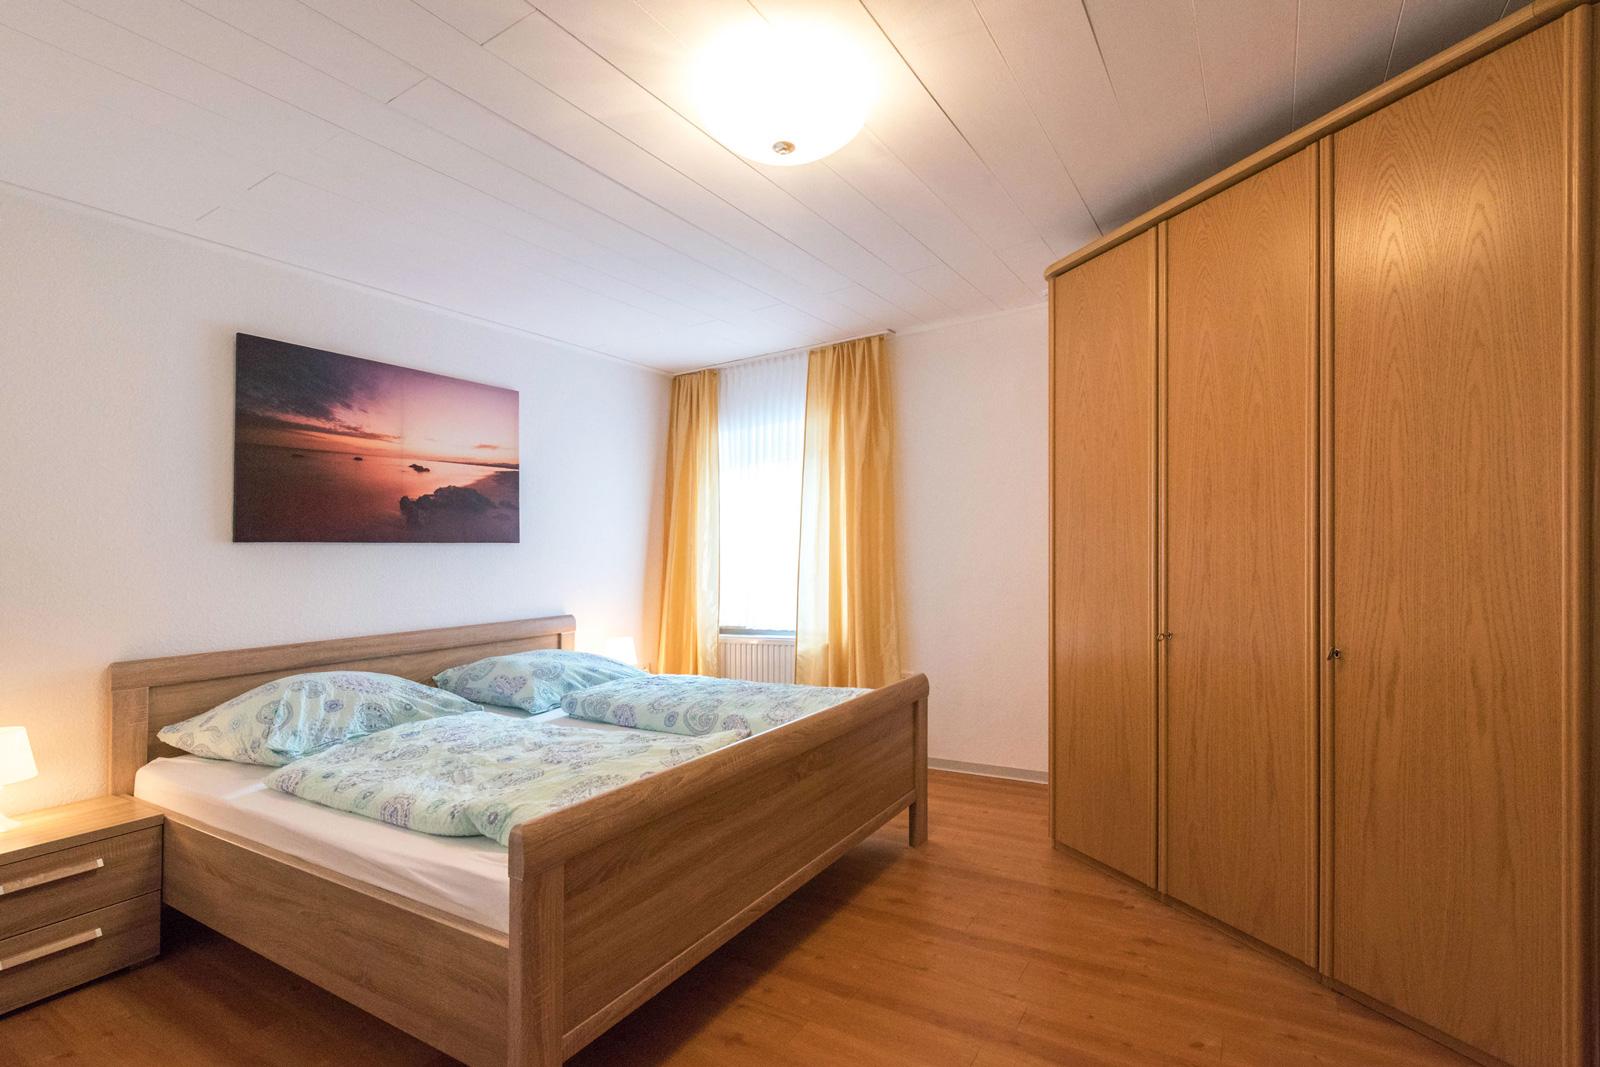 ferienwohnung norderney albatros wohnung 8 schlafzimmer 2